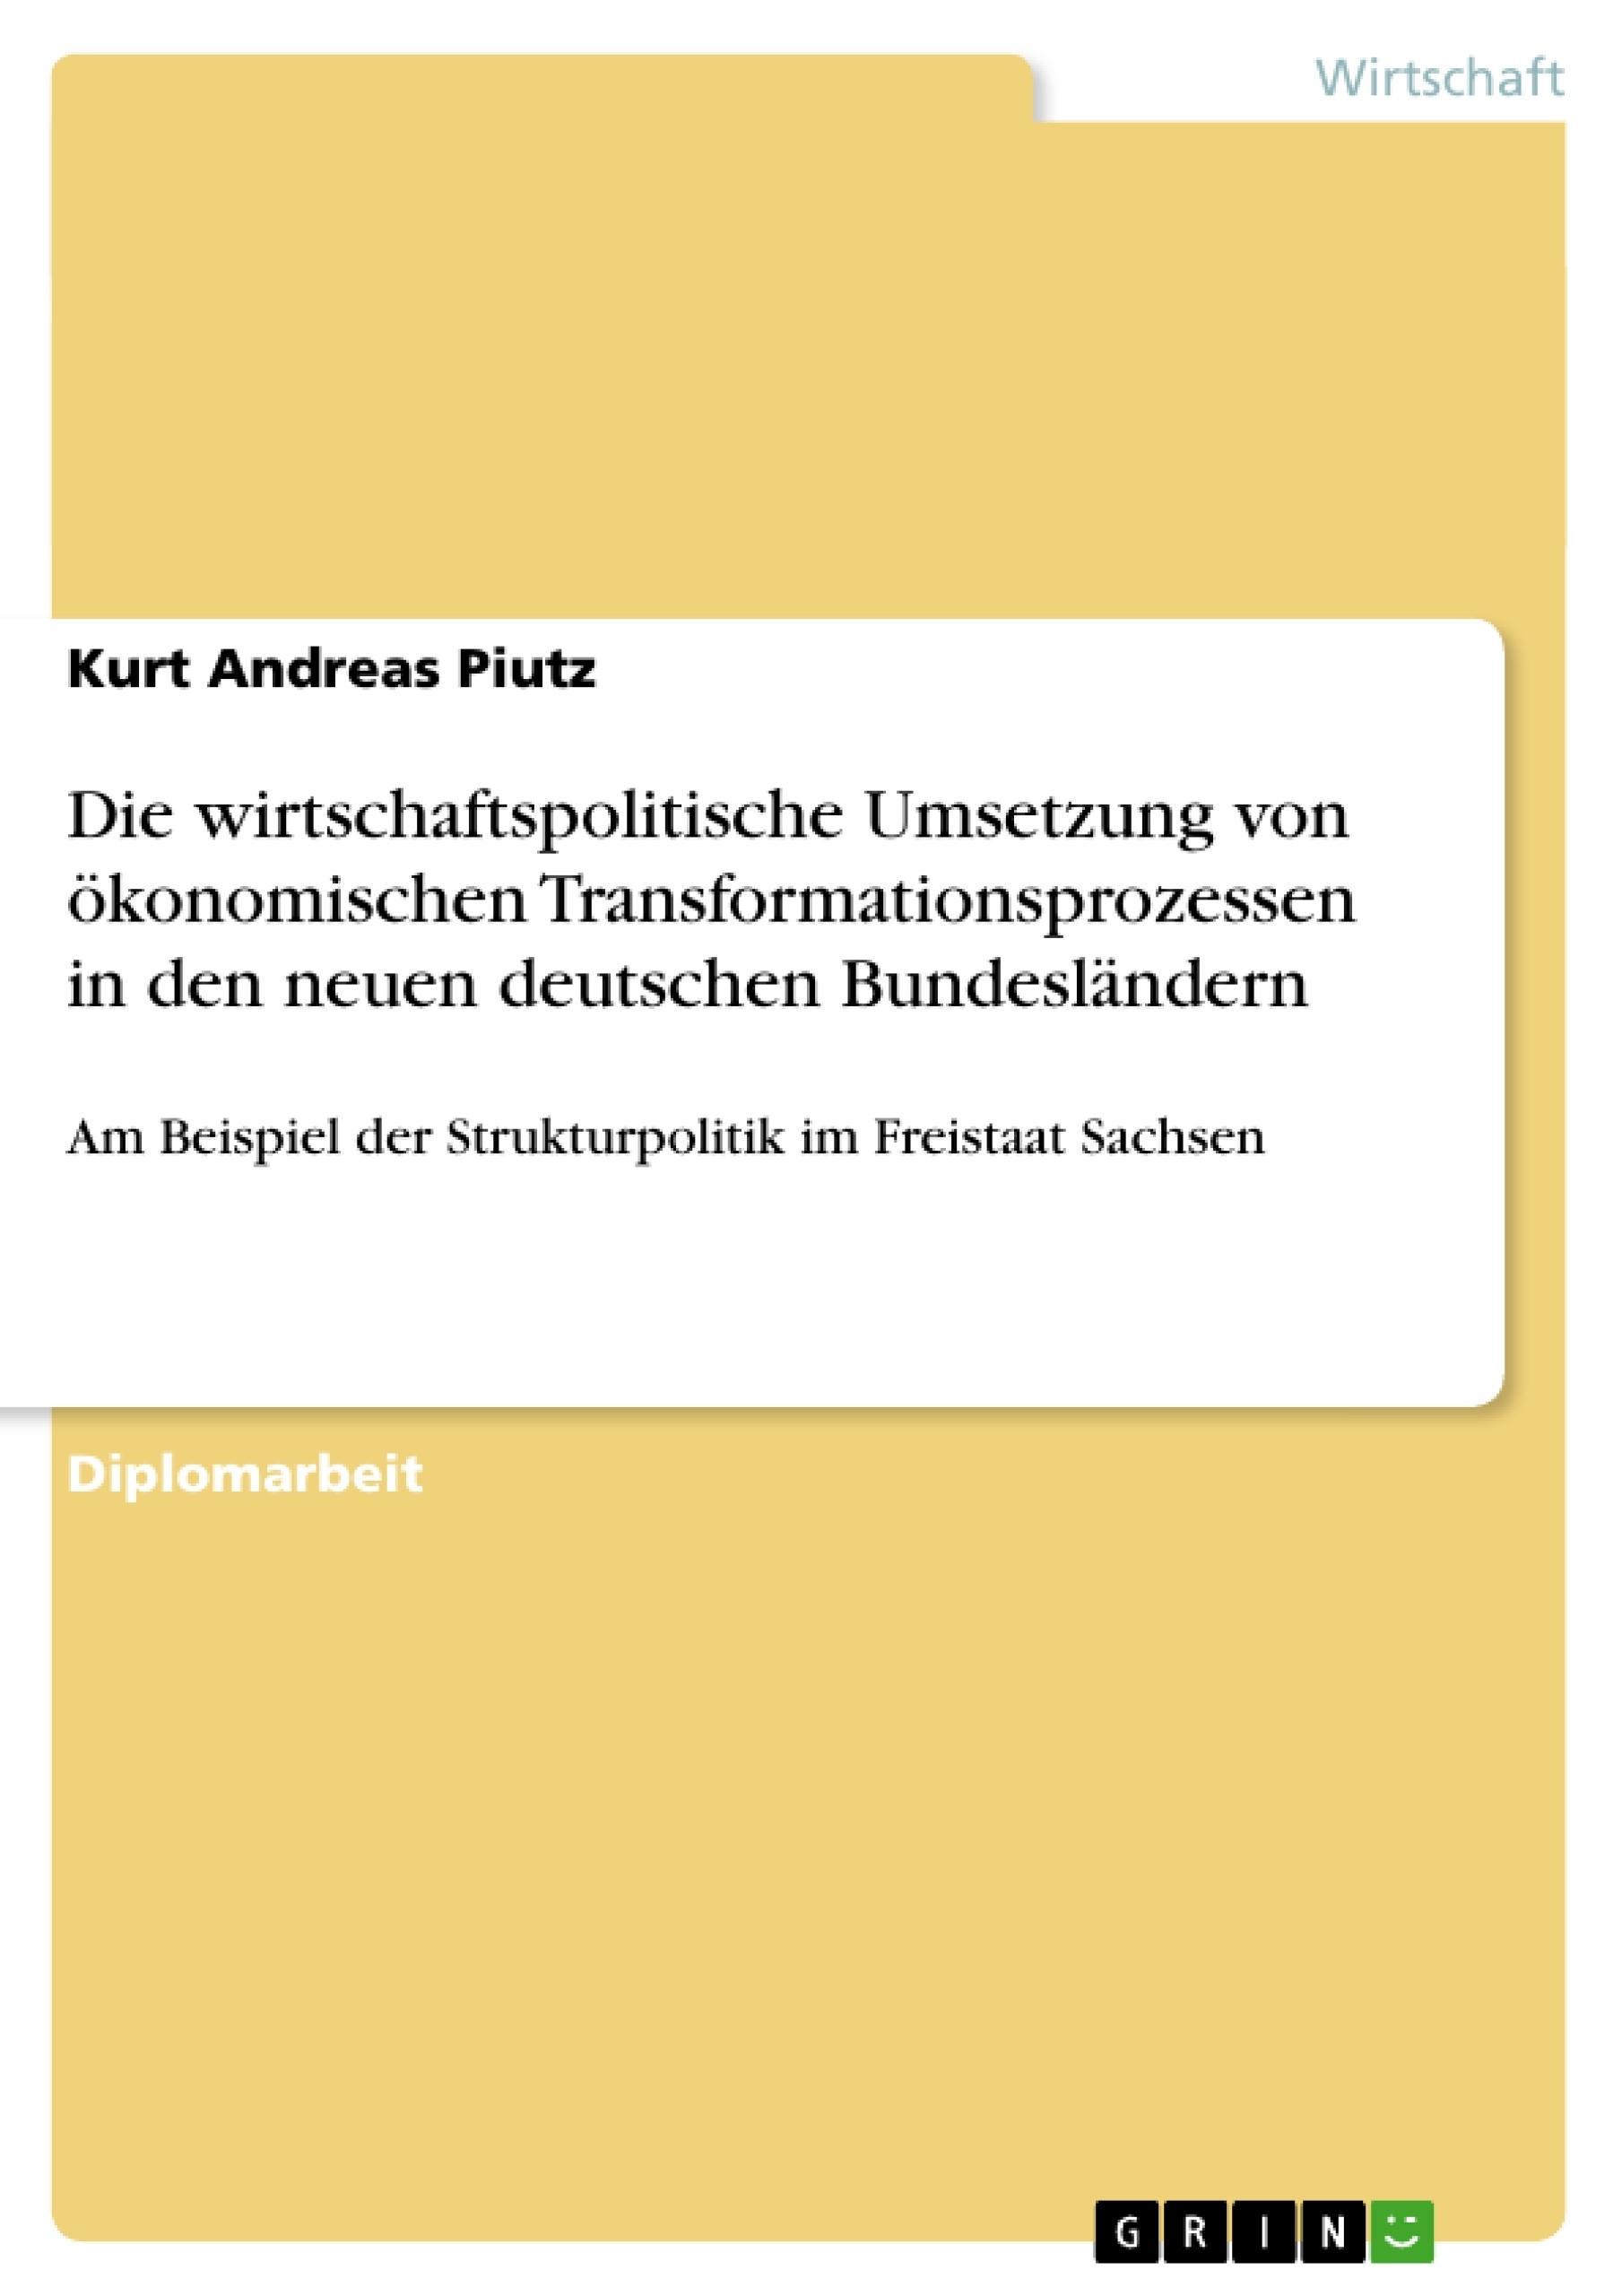 Titel: Die wirtschaftspolitische Umsetzung von ökonomischen Transformationsprozessen in den neuen deutschen Bundesländern